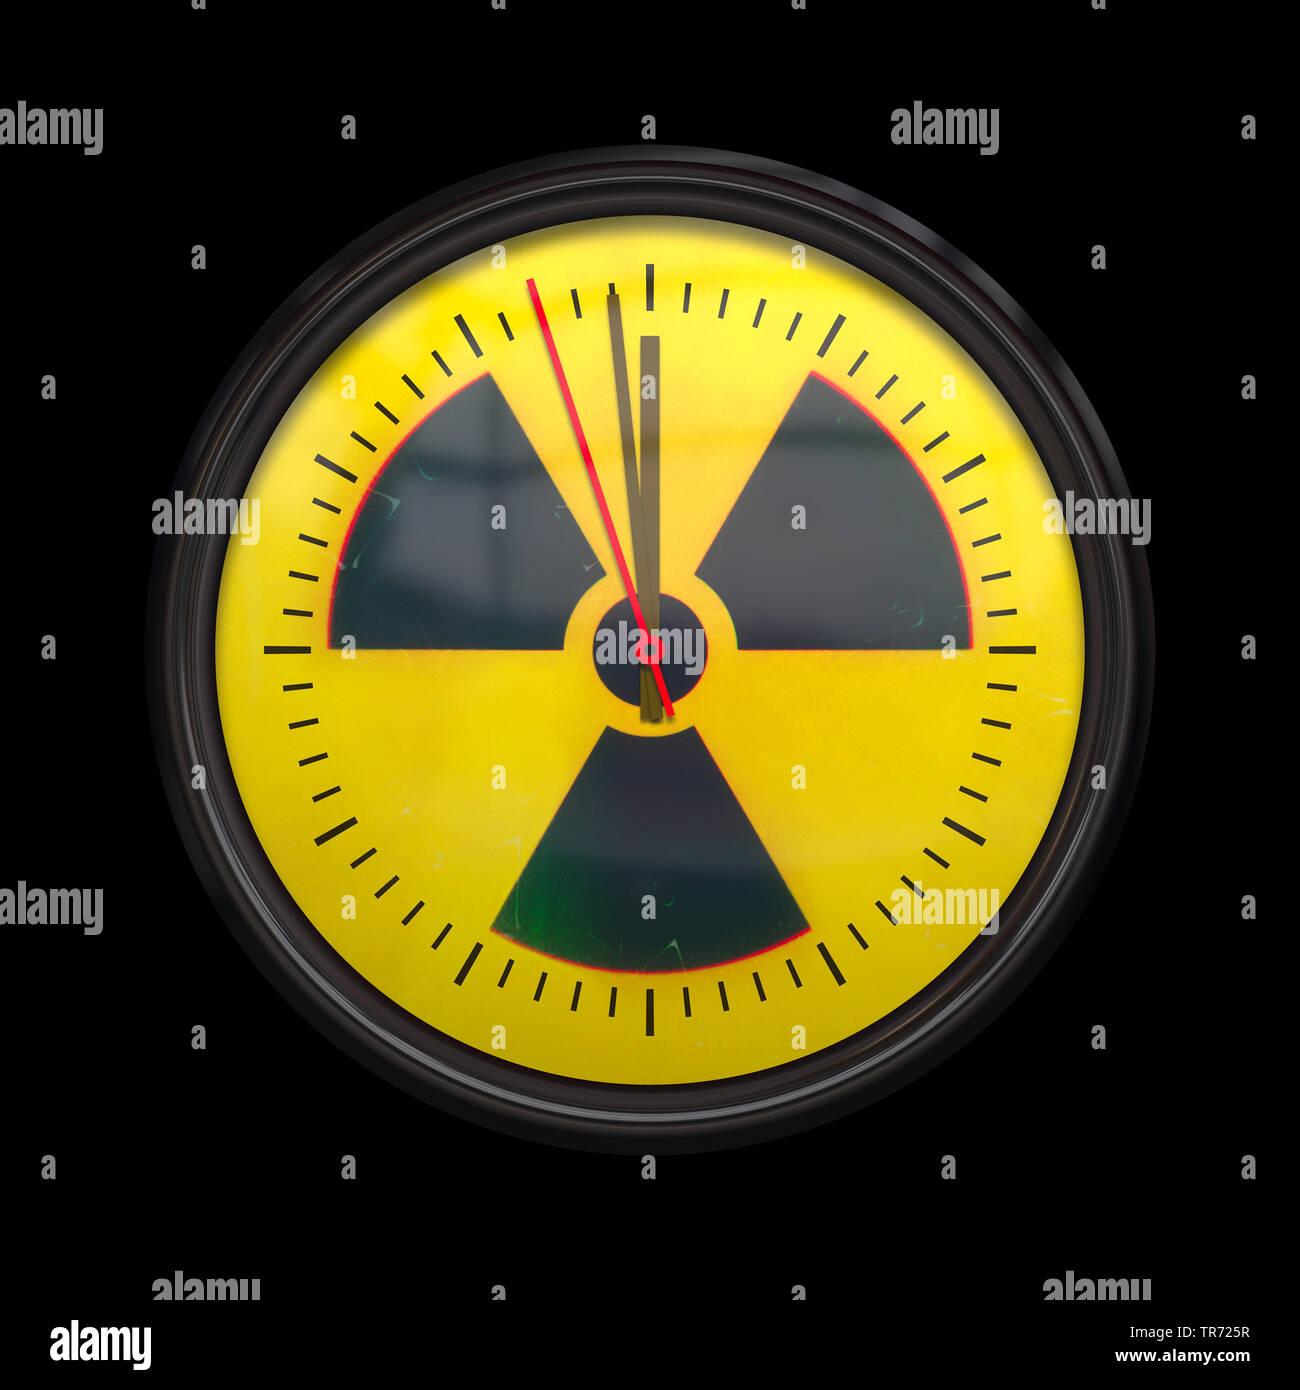 3D-Computergrafik, Uhr mit Zeigern 1 vor 12 mit dem Symbol fuer RADIOAKTIVE STRAHLUNG als Hintergrund   3D computer graphic, clock with clock hands 1 - Stock Image